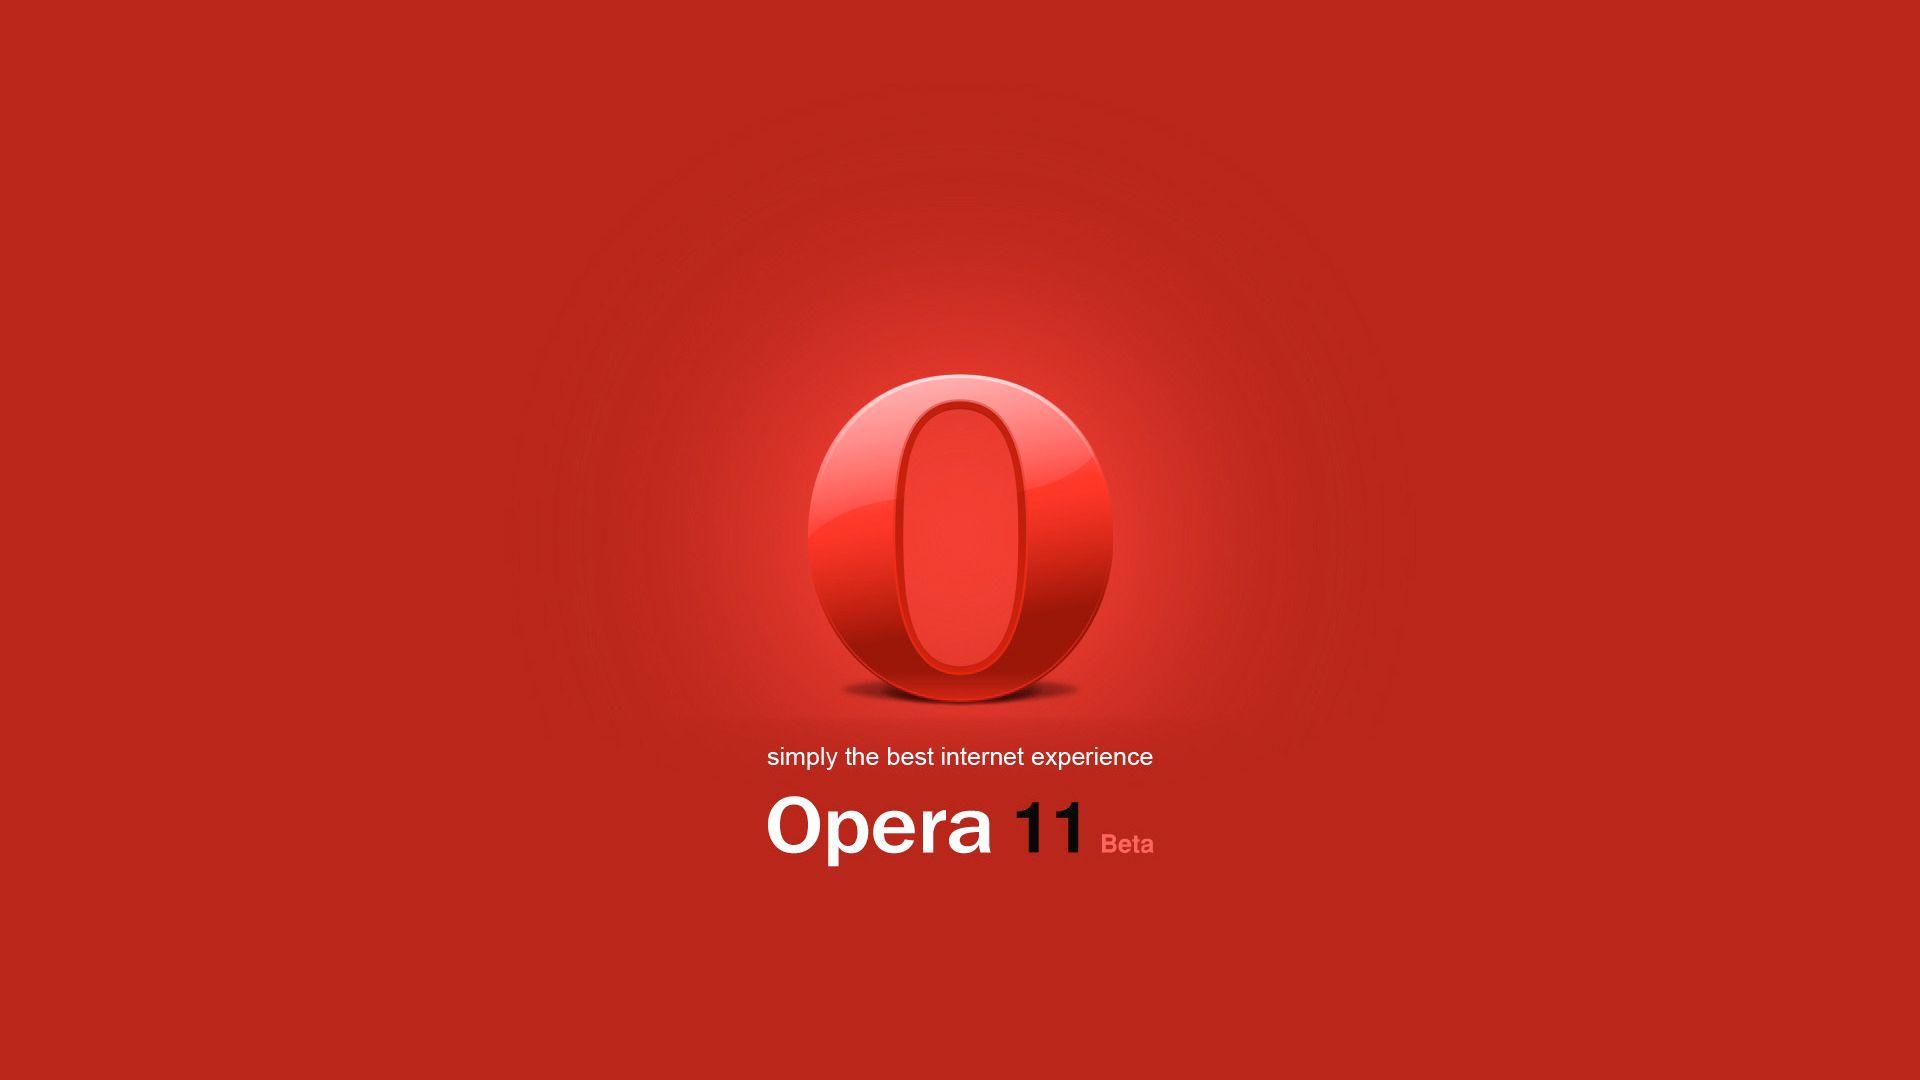 Opera hd